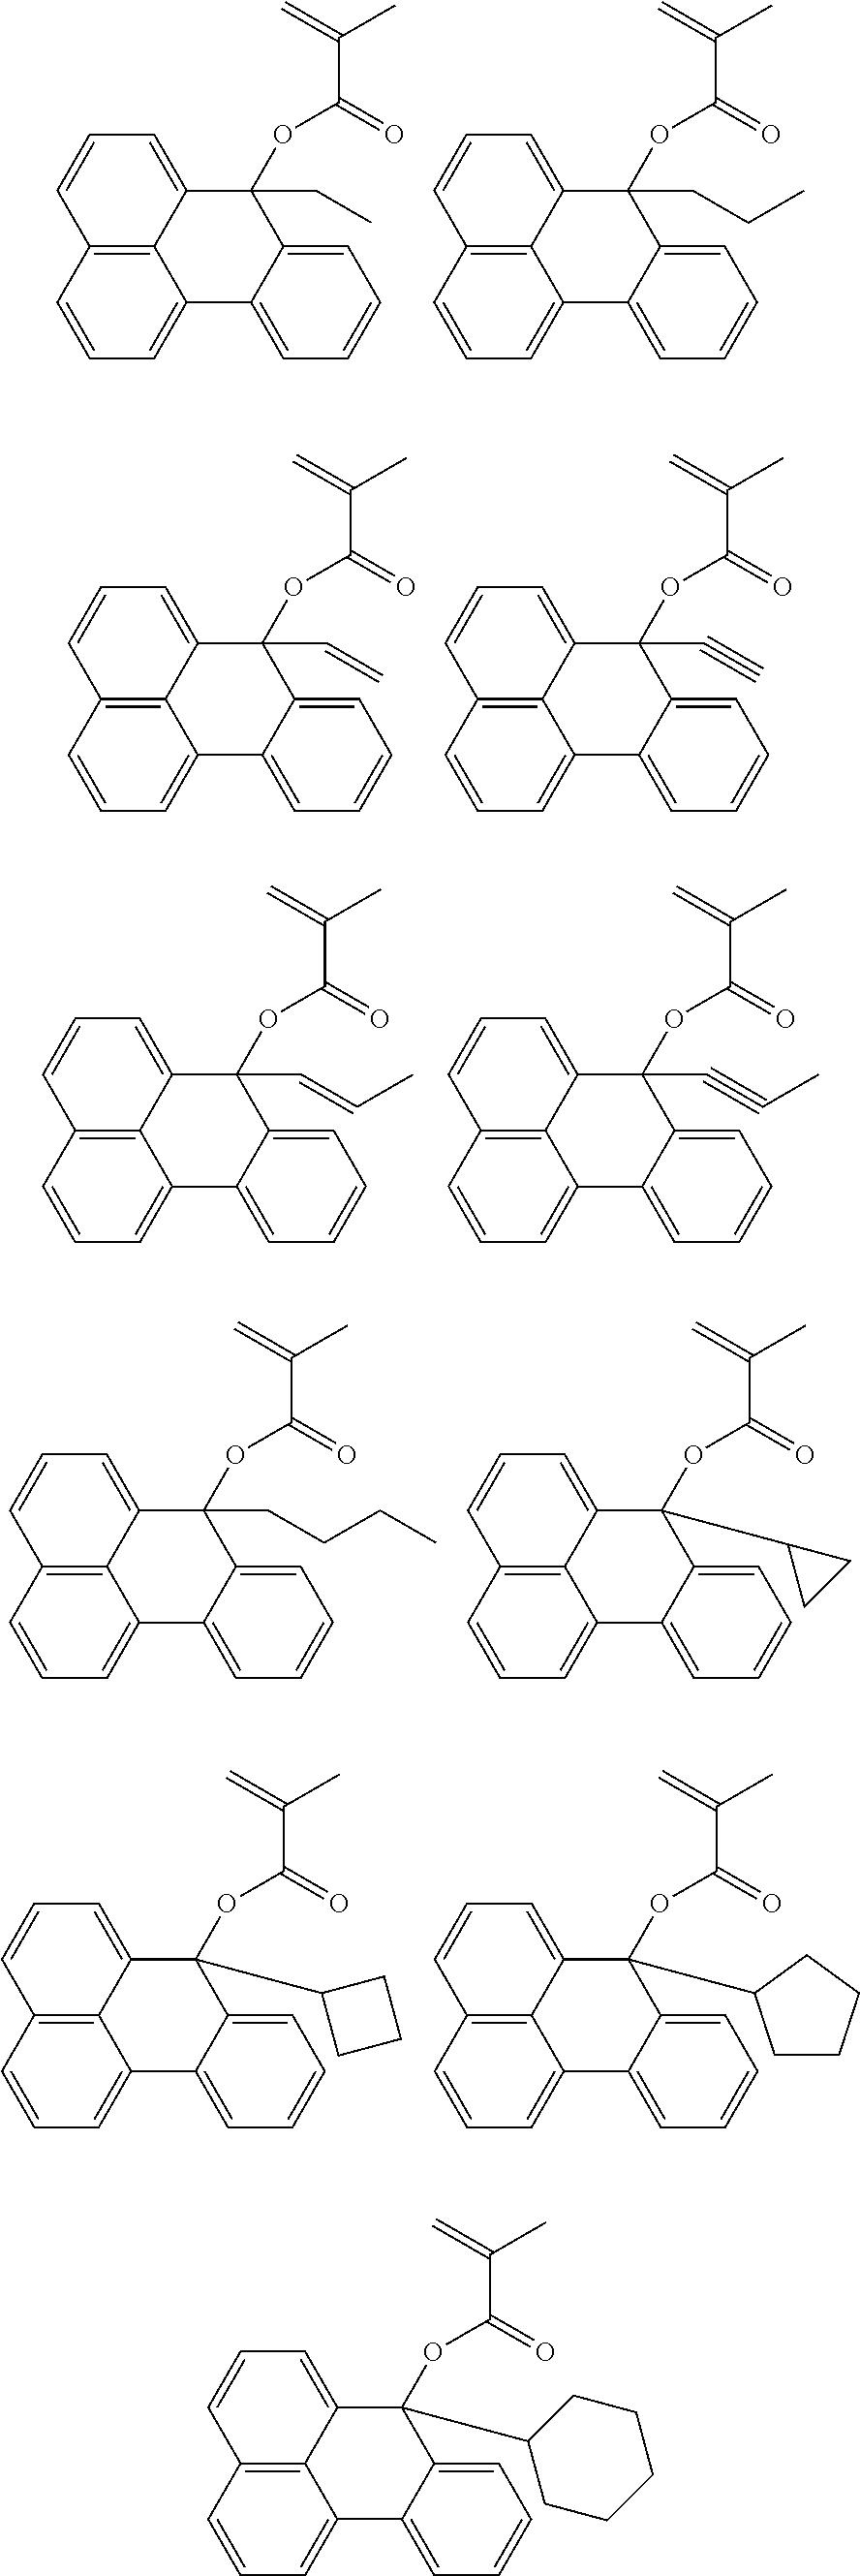 Figure US09023586-20150505-C00072